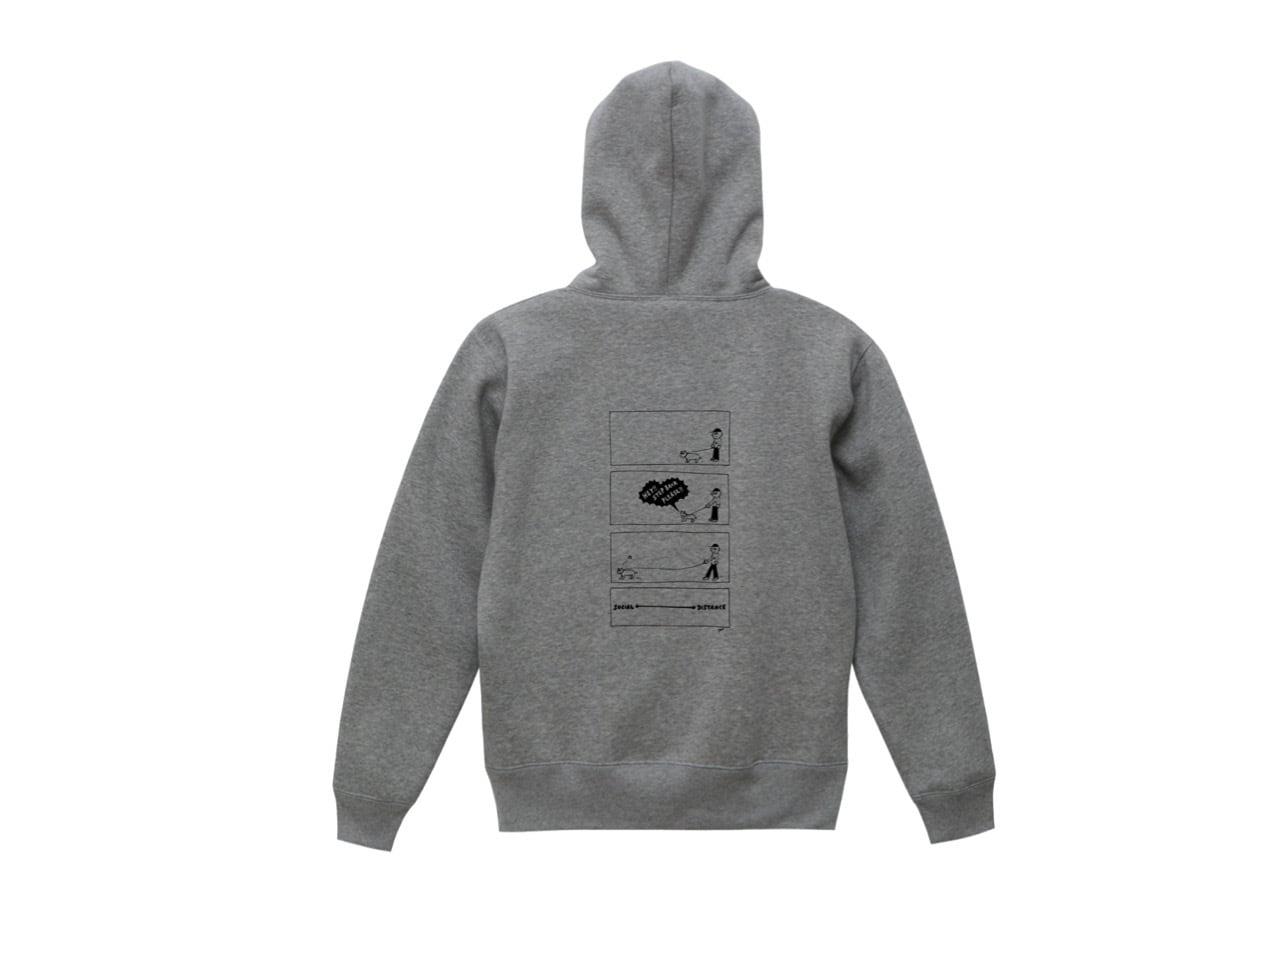 SHI × coguchi Dog SD hoodie (GRY/BLK)